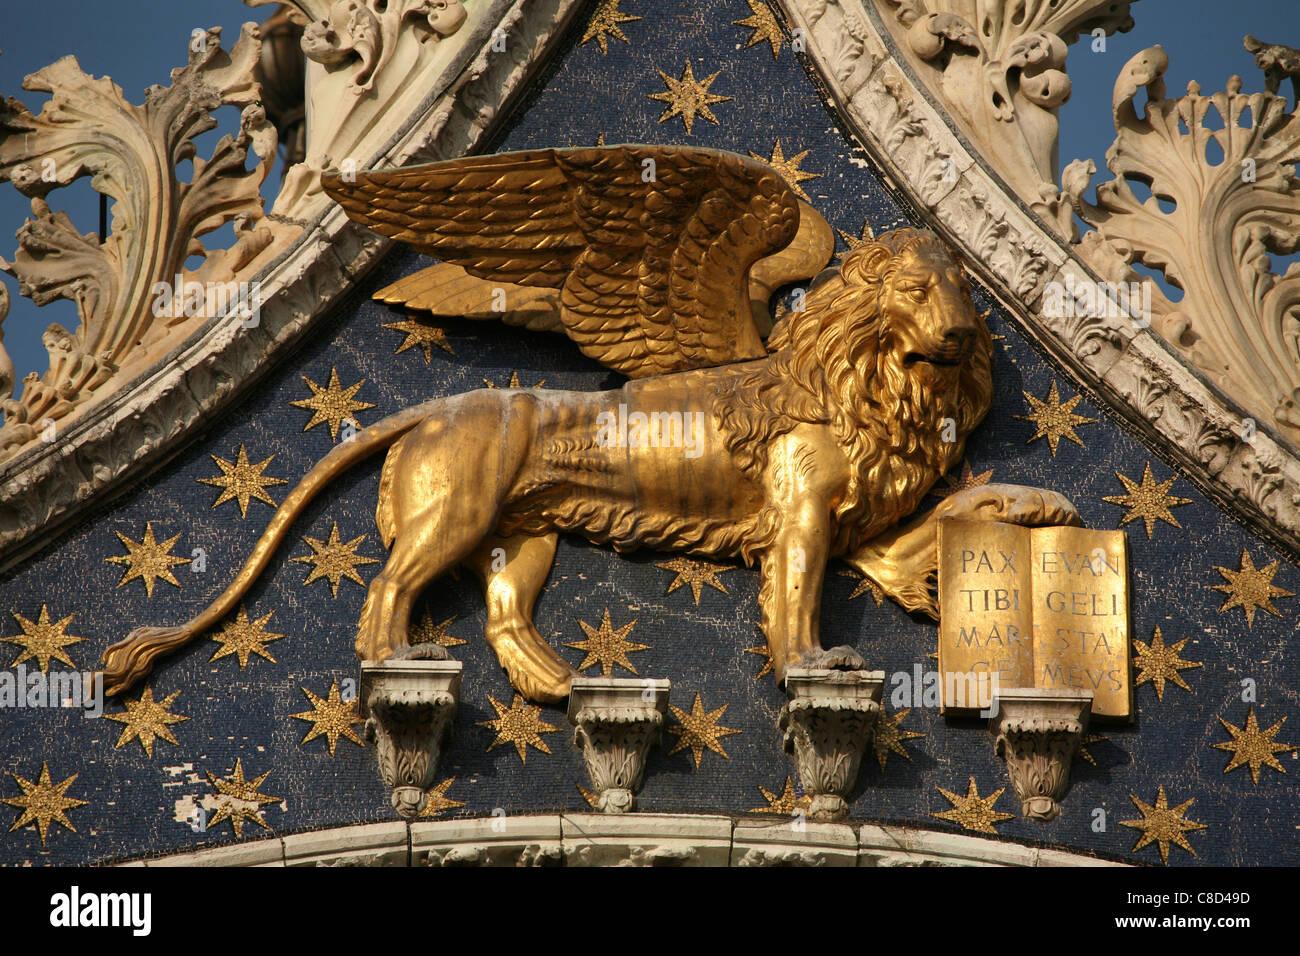 Lion de Saint-marc au-dessus de la porte principale de la Basilique Saint Marc sur la Piazza San Marco à Venise, Italie. Banque D'Images